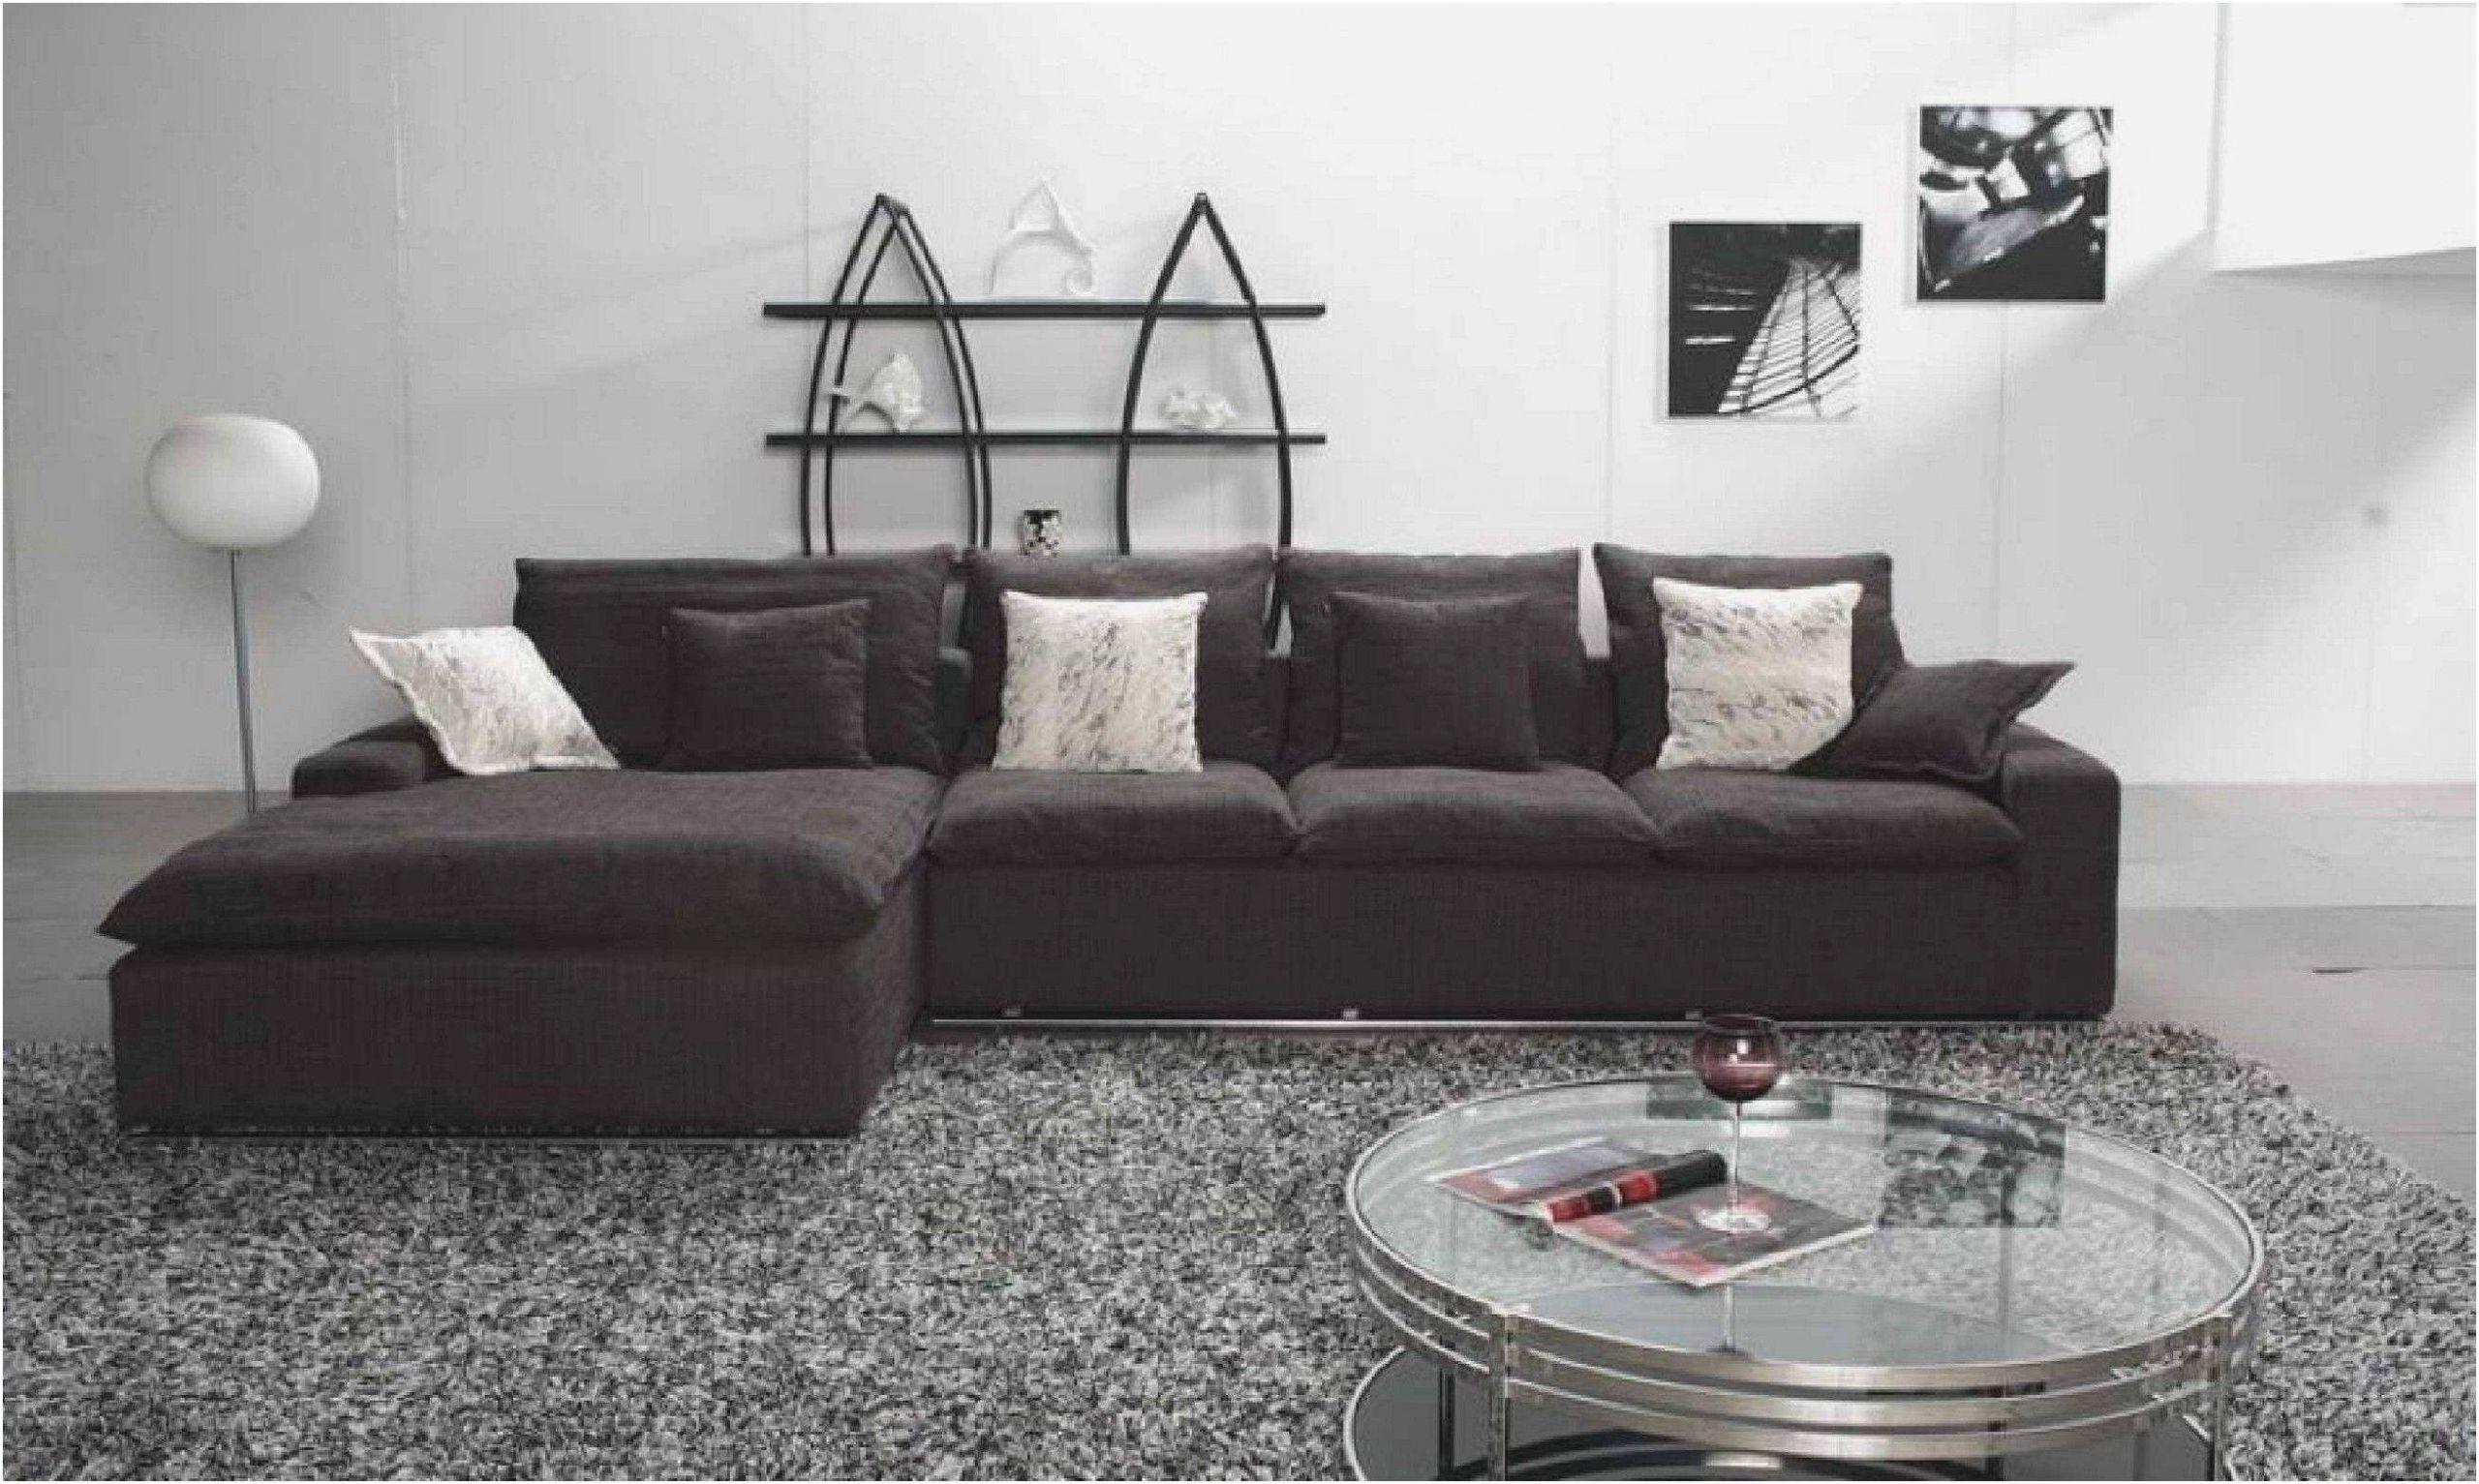 ecksofa kleines wohnzimmer einzigartig wohnzimmer sofas konzept frisch se jahre of ecksofa kleines wohnzimmer scaled